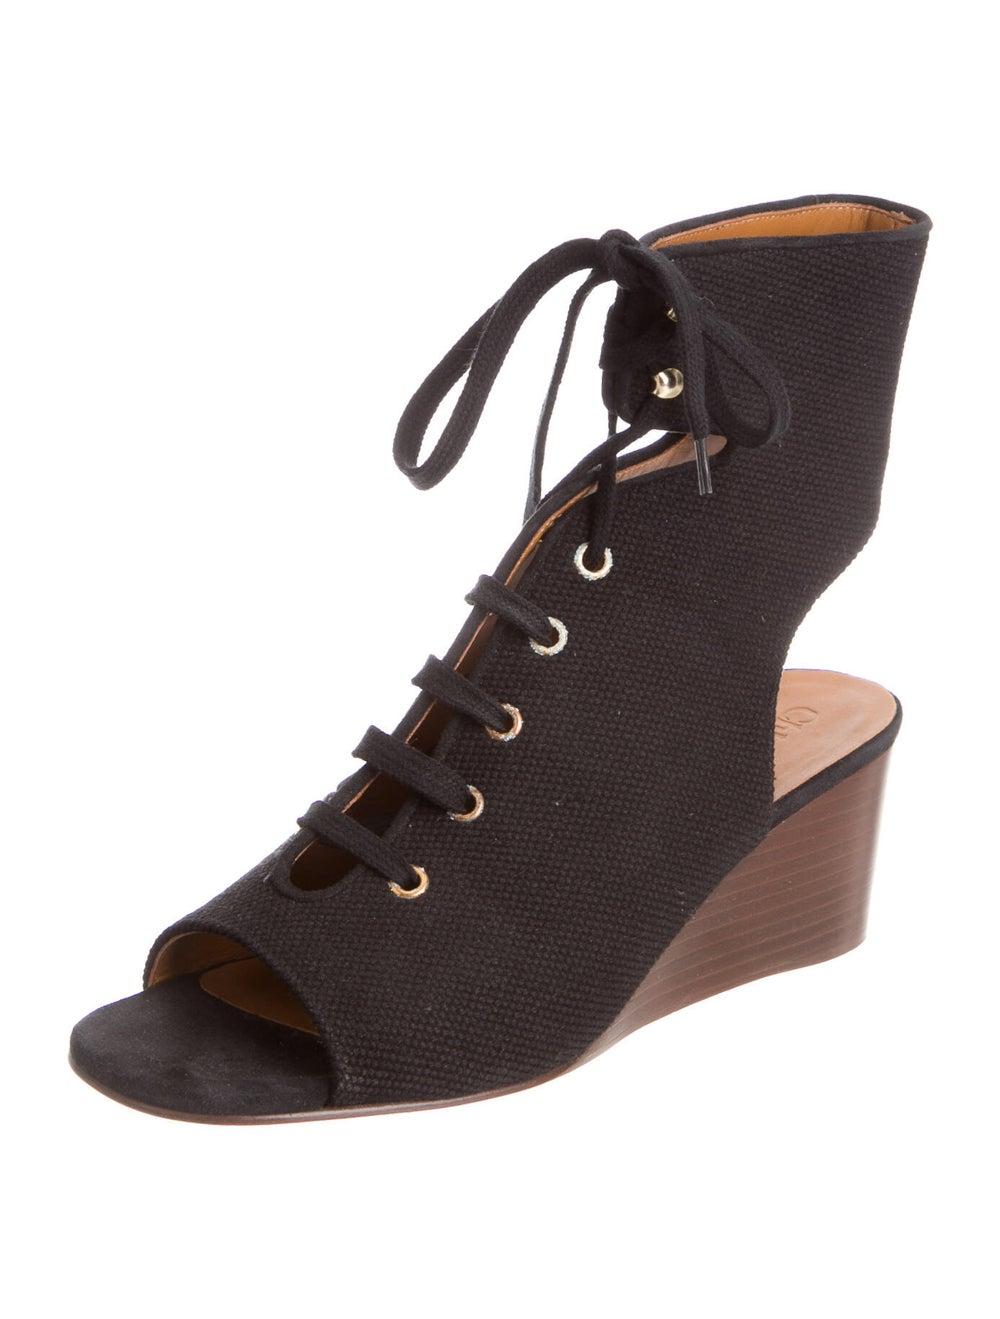 Chloé Sandals Black - image 2